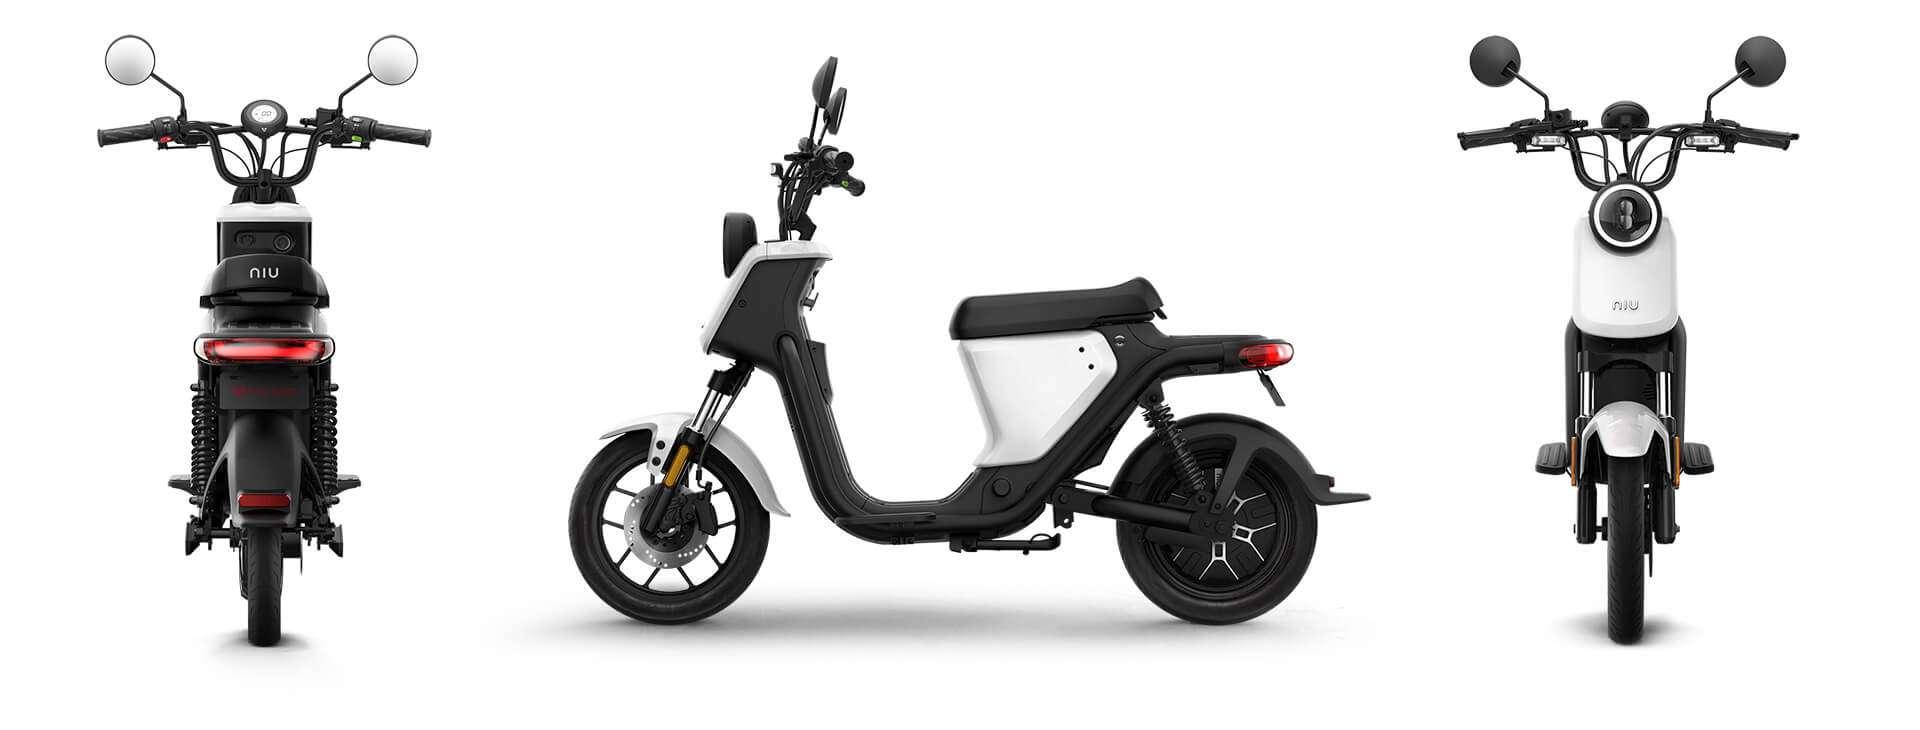 niu_uqi_pro_elektricni_moped_bel